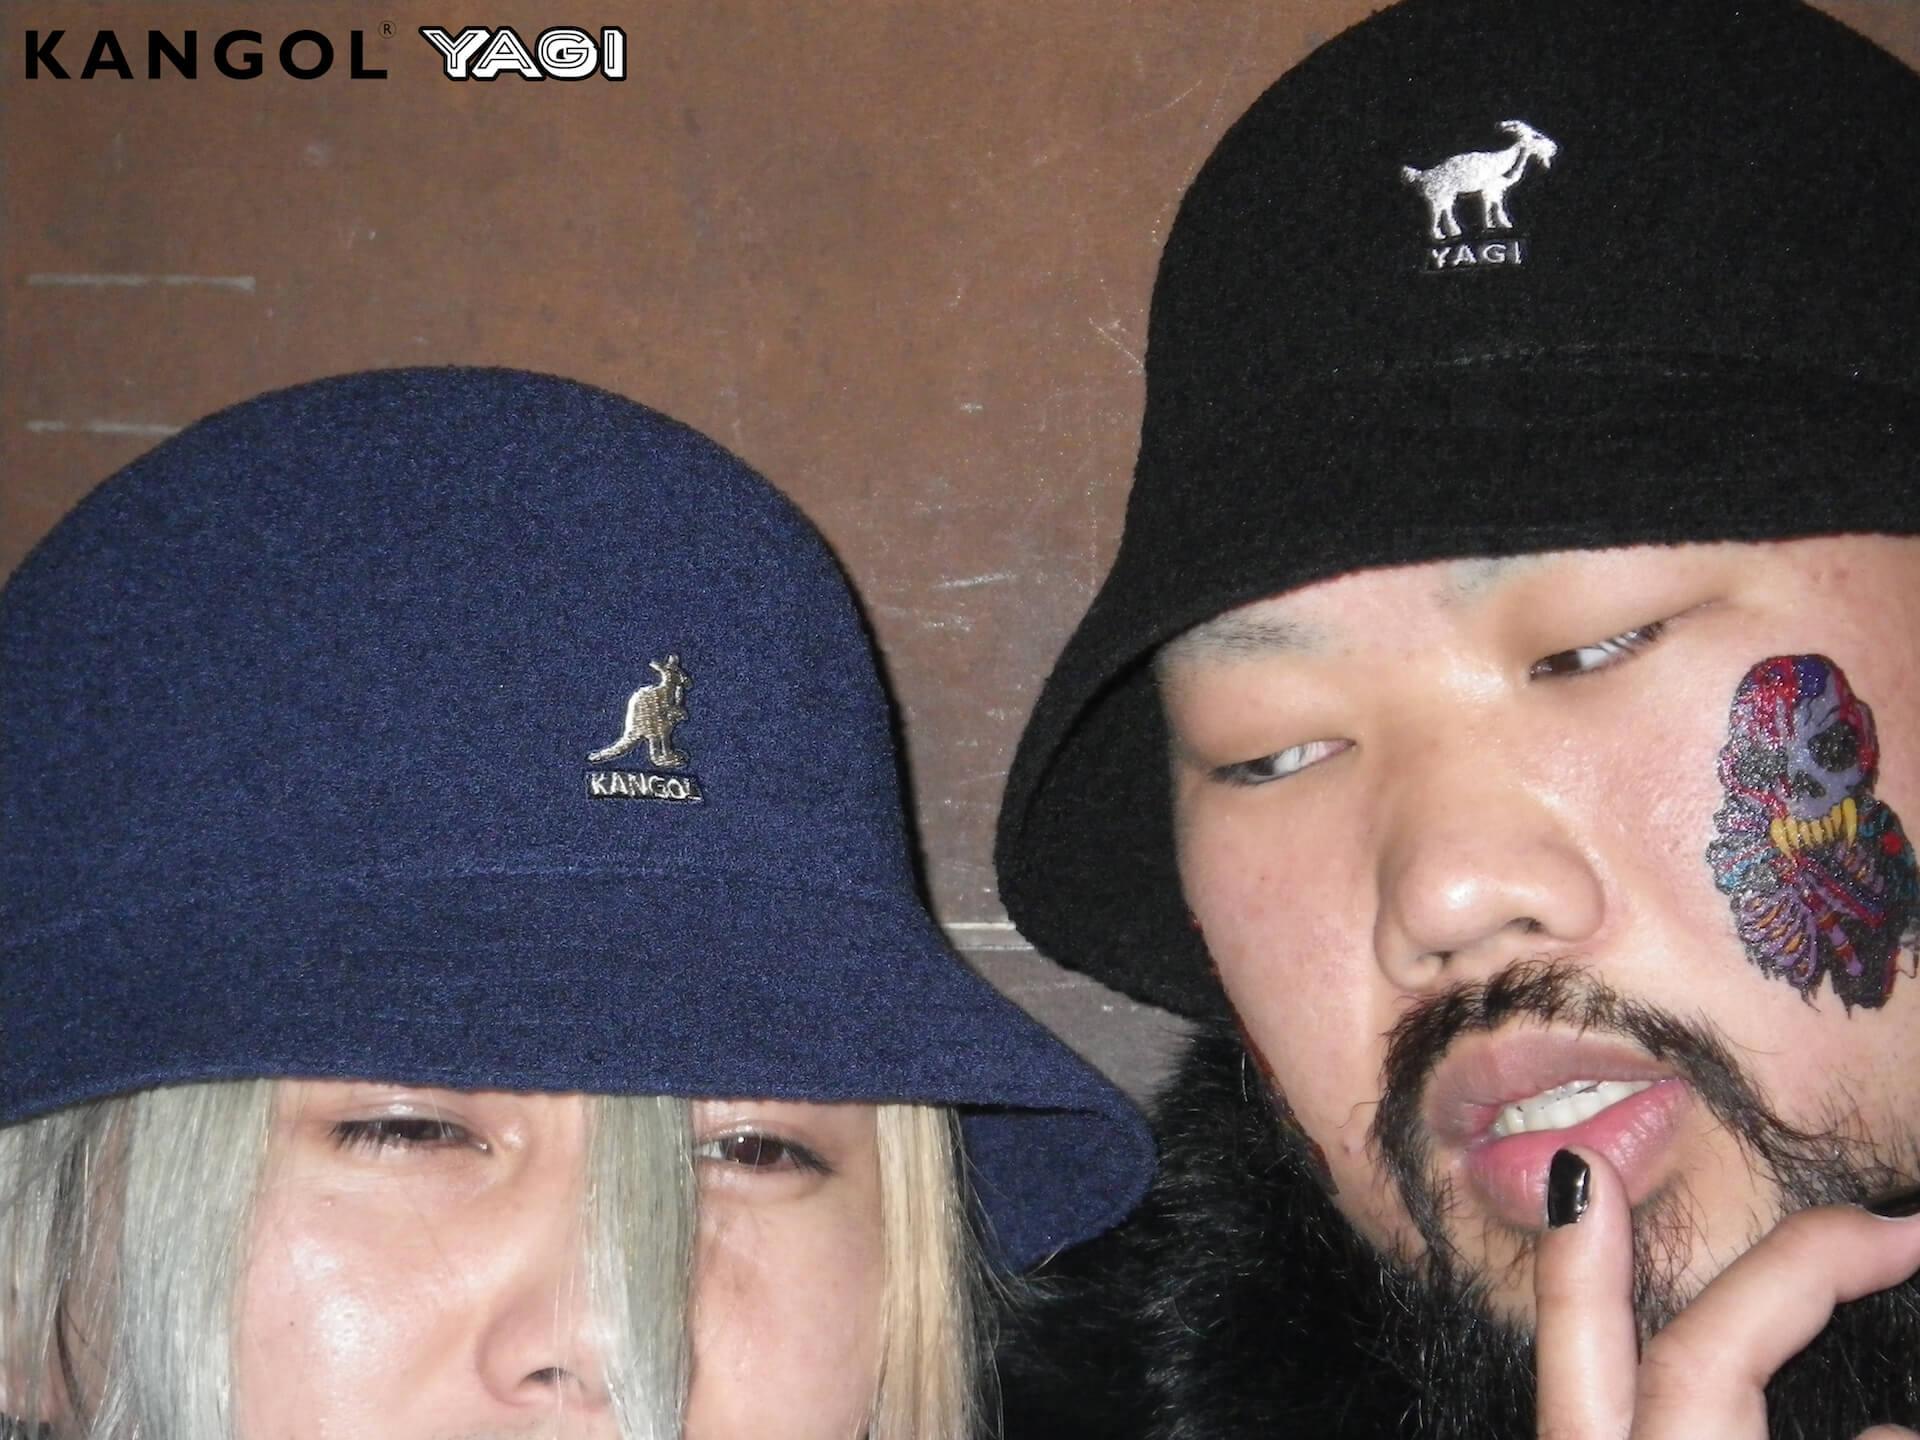 KANGOLがオカモトレイジ率いる「YAGI EXHIBITION」とコラボ|YAGIを配したオリジナルハット発売 life200302_yagi_kangol_16